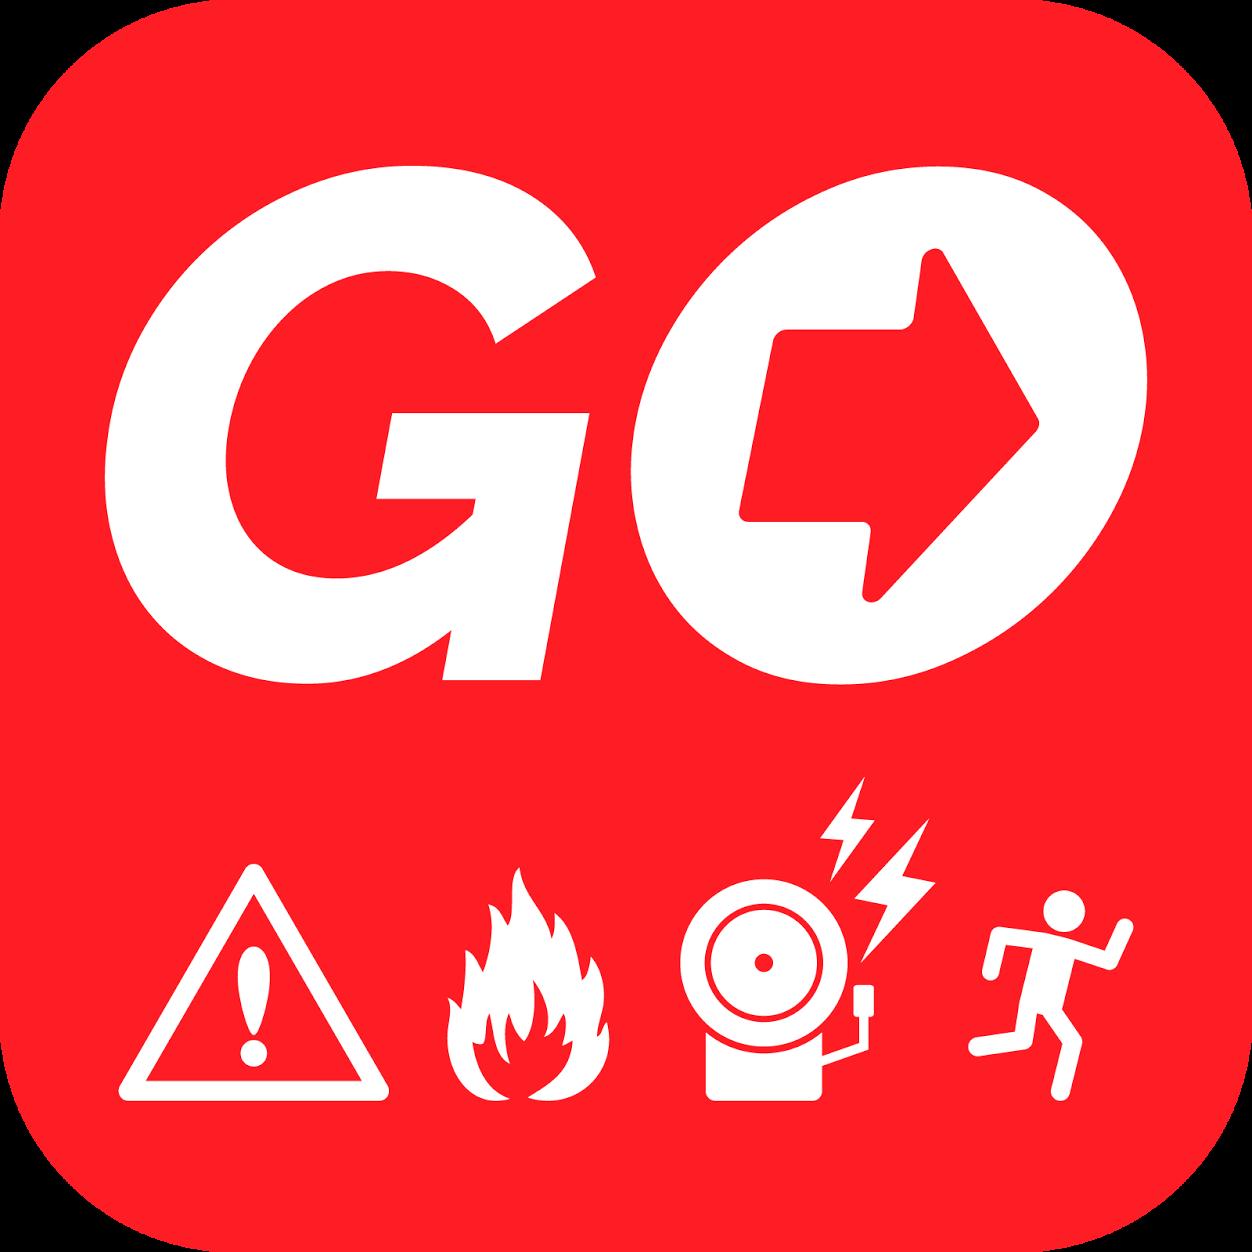 Download BGGoPlan® app logo>>